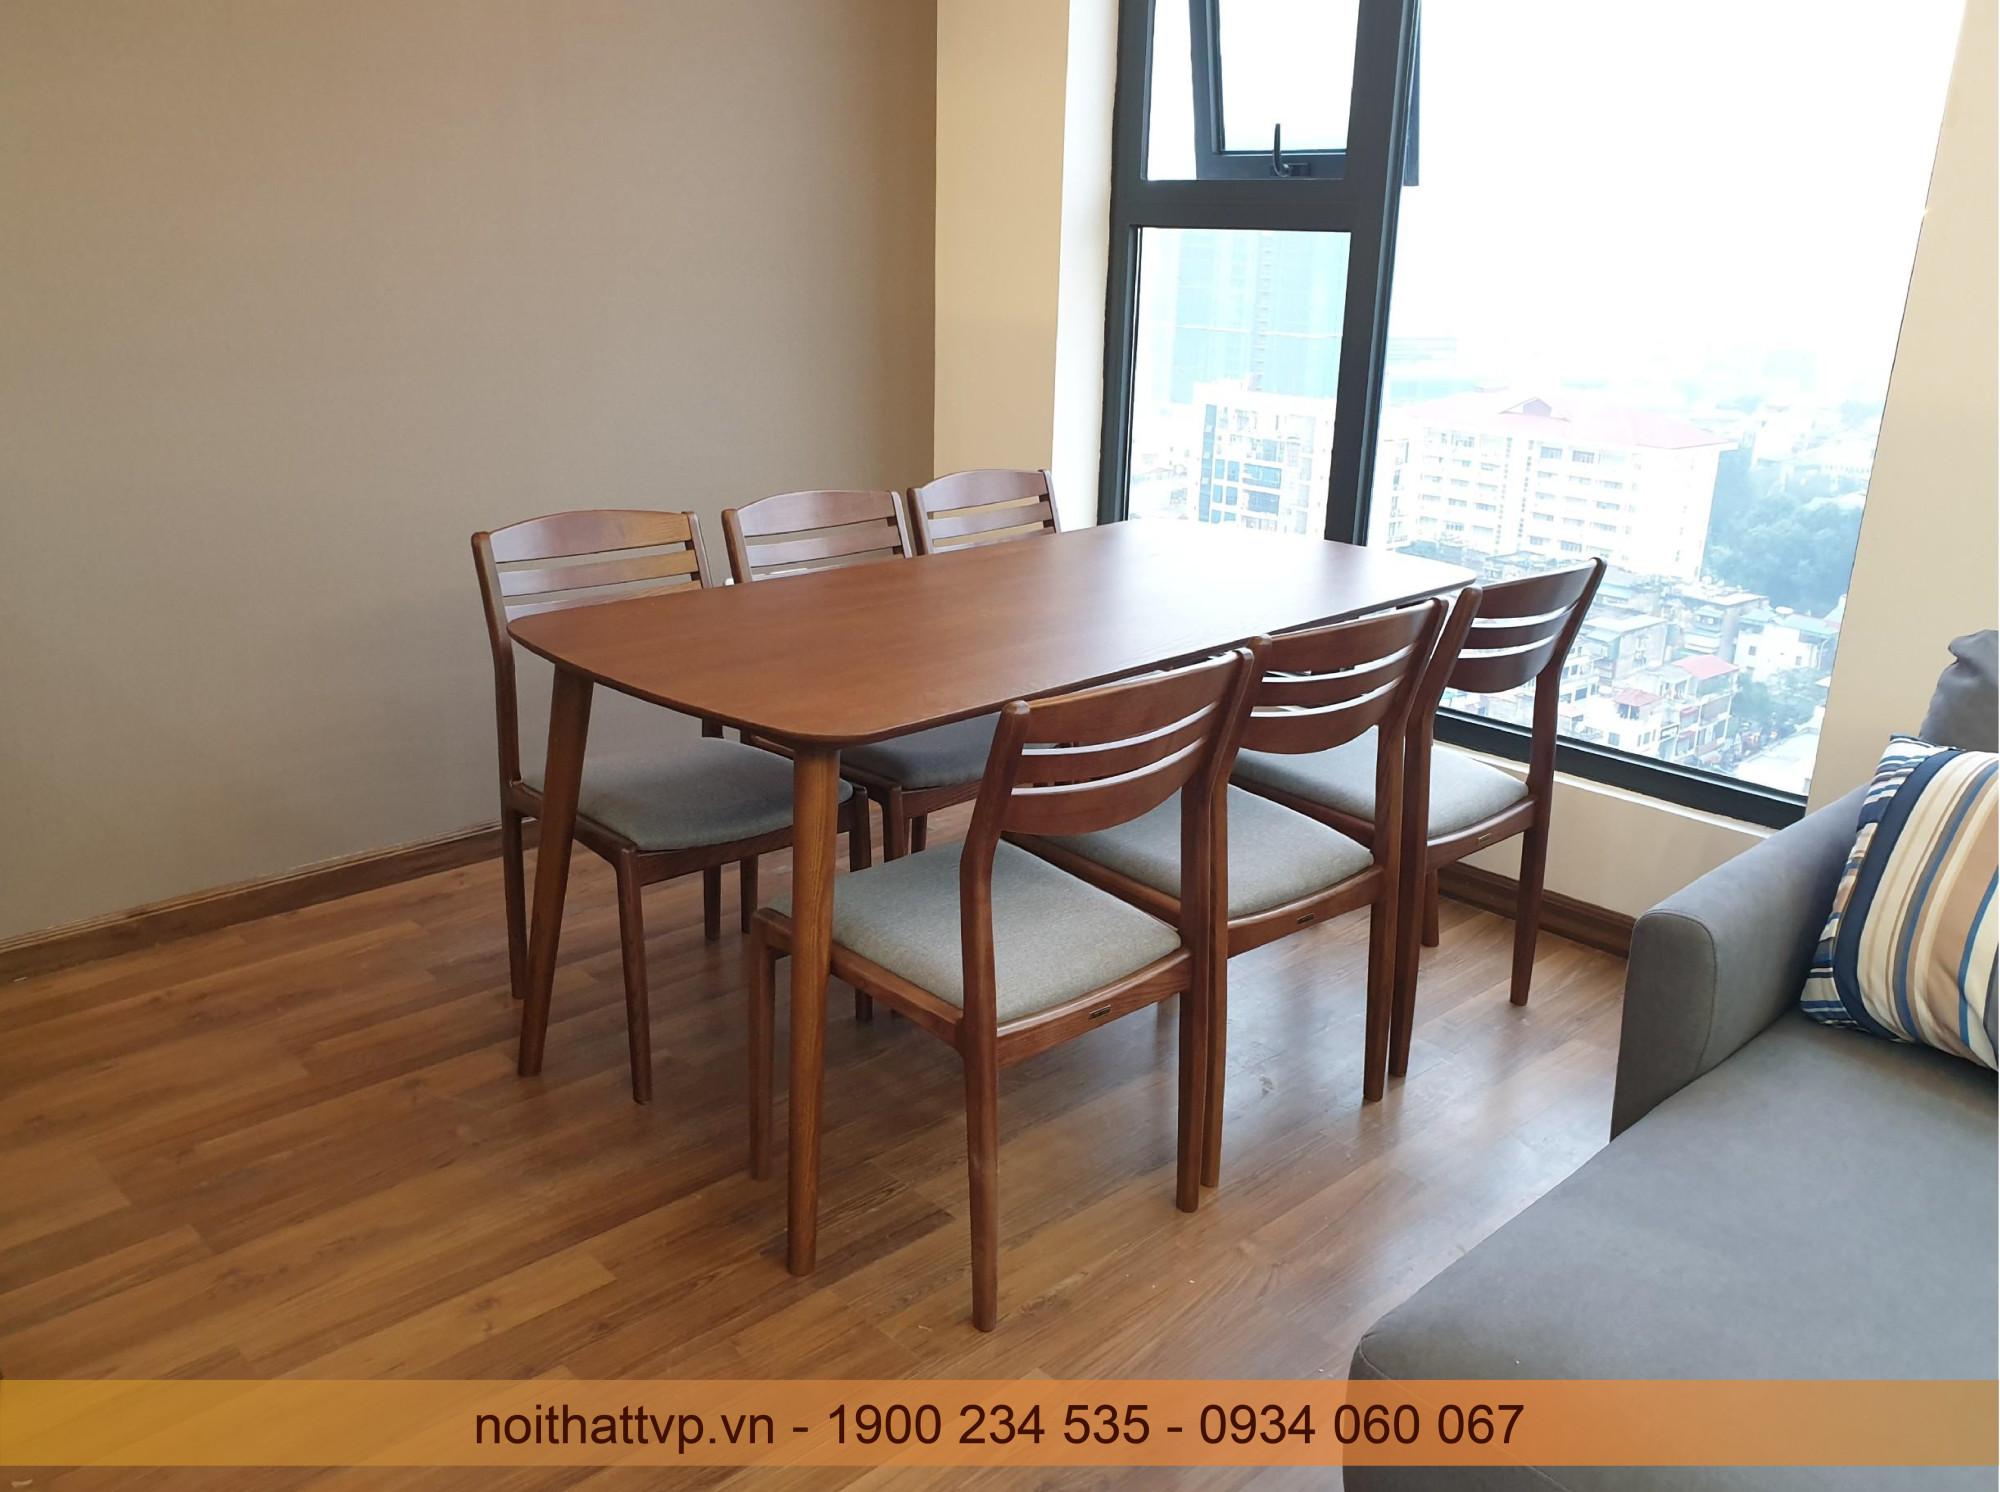 Bàn ăn 6 ghế gổ sồi màu tự nhiên